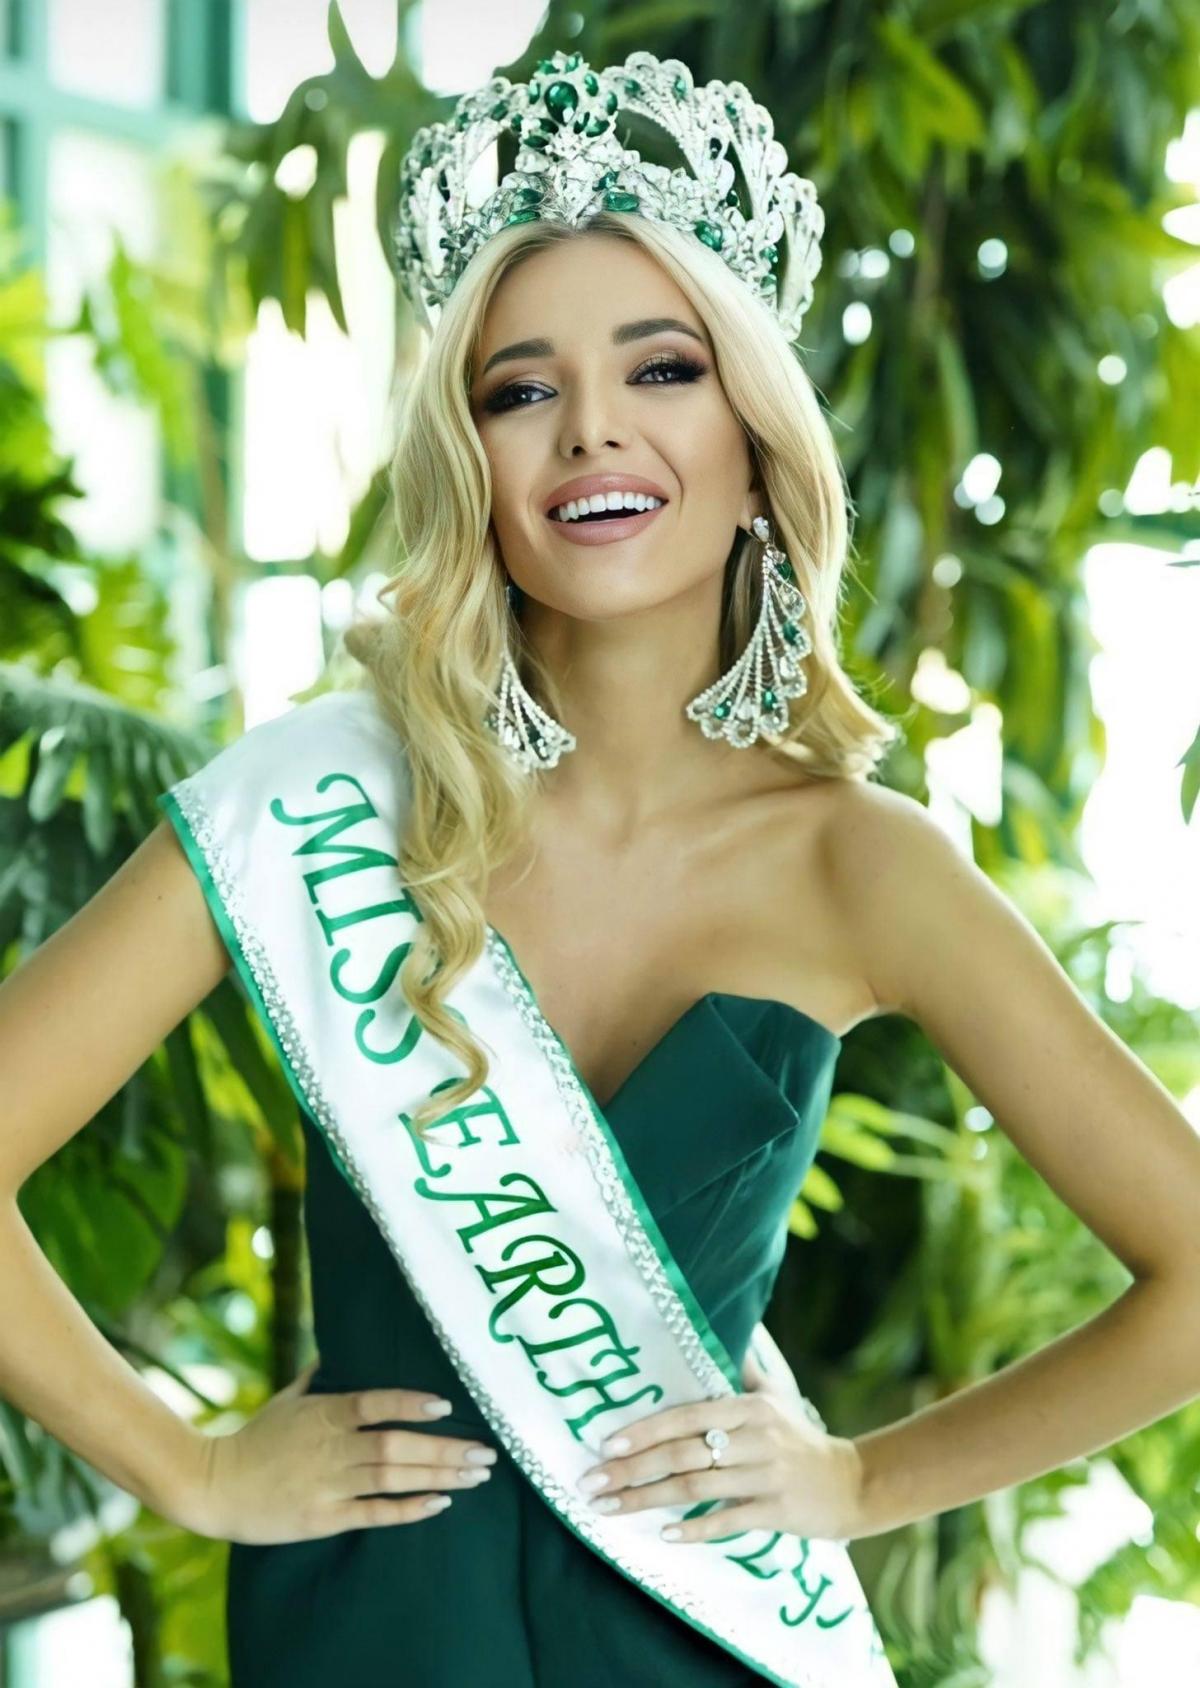 Yulia Pavlikova vừa được bổ nhiệm trở thành Hoa hậu Trái đất Bulgaria 2021. Cô sẽ quốc gia này tham dự cuộc thi Miss Earth 2021 diễn ra cuối năm nay.